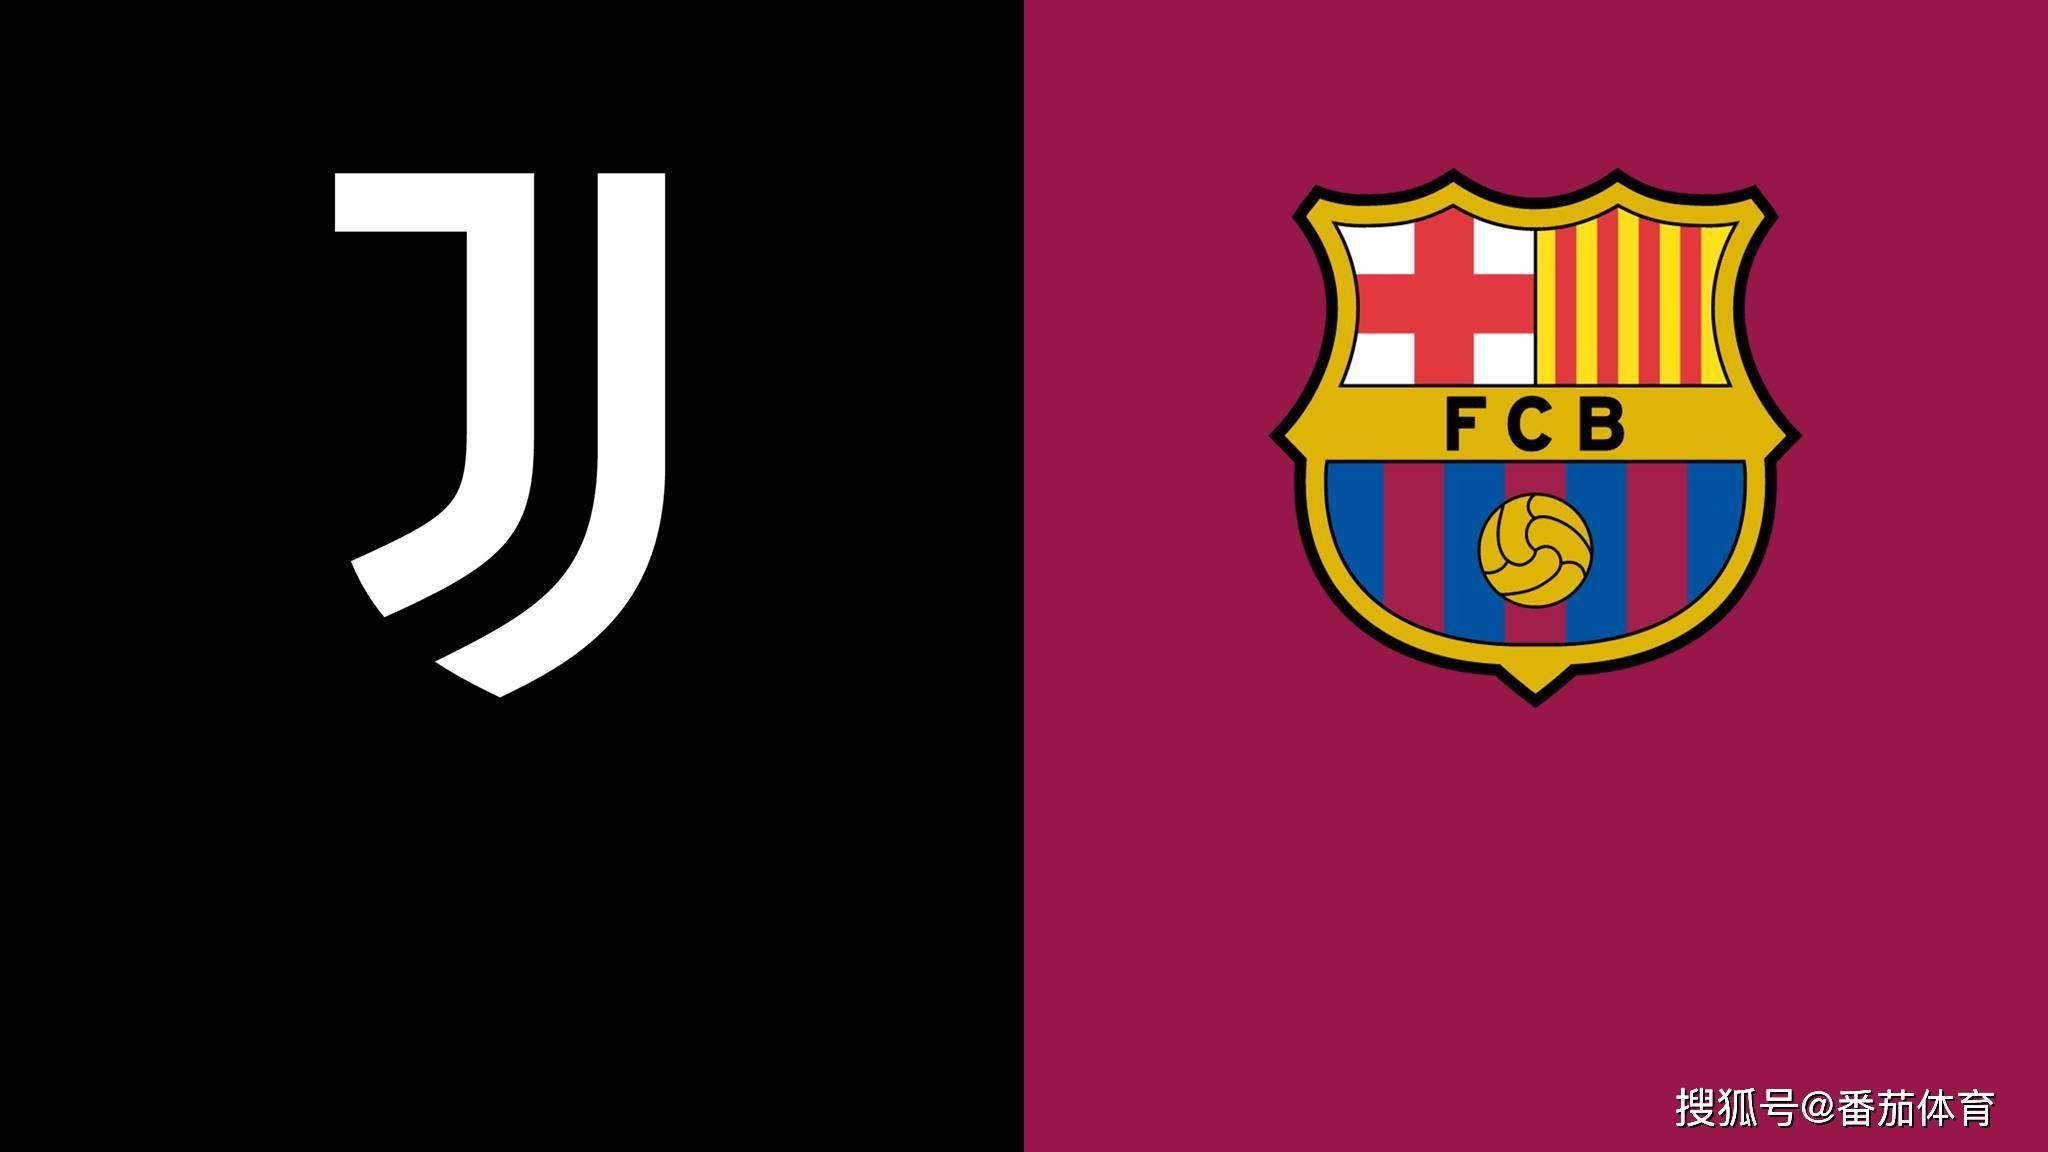 [欧冠杯]巅峰对决:尤文图斯vs巴塞罗那,巴萨可否力挽狂澜?